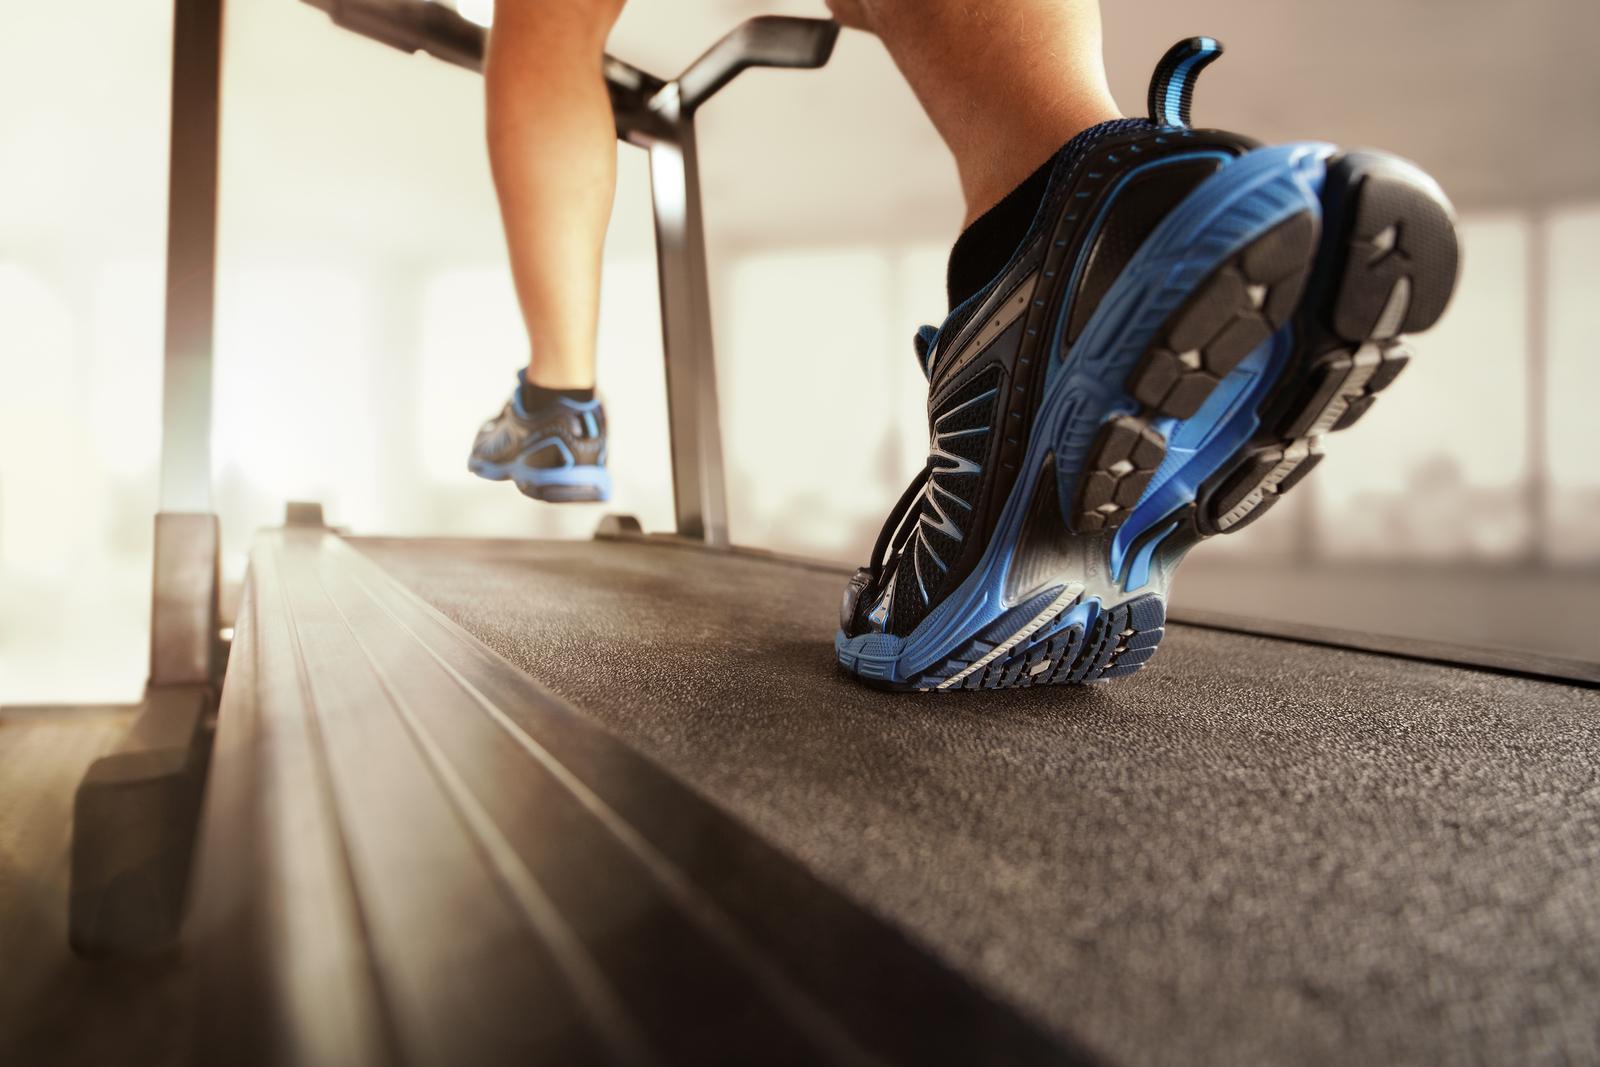 bieganie na bieżni efekty